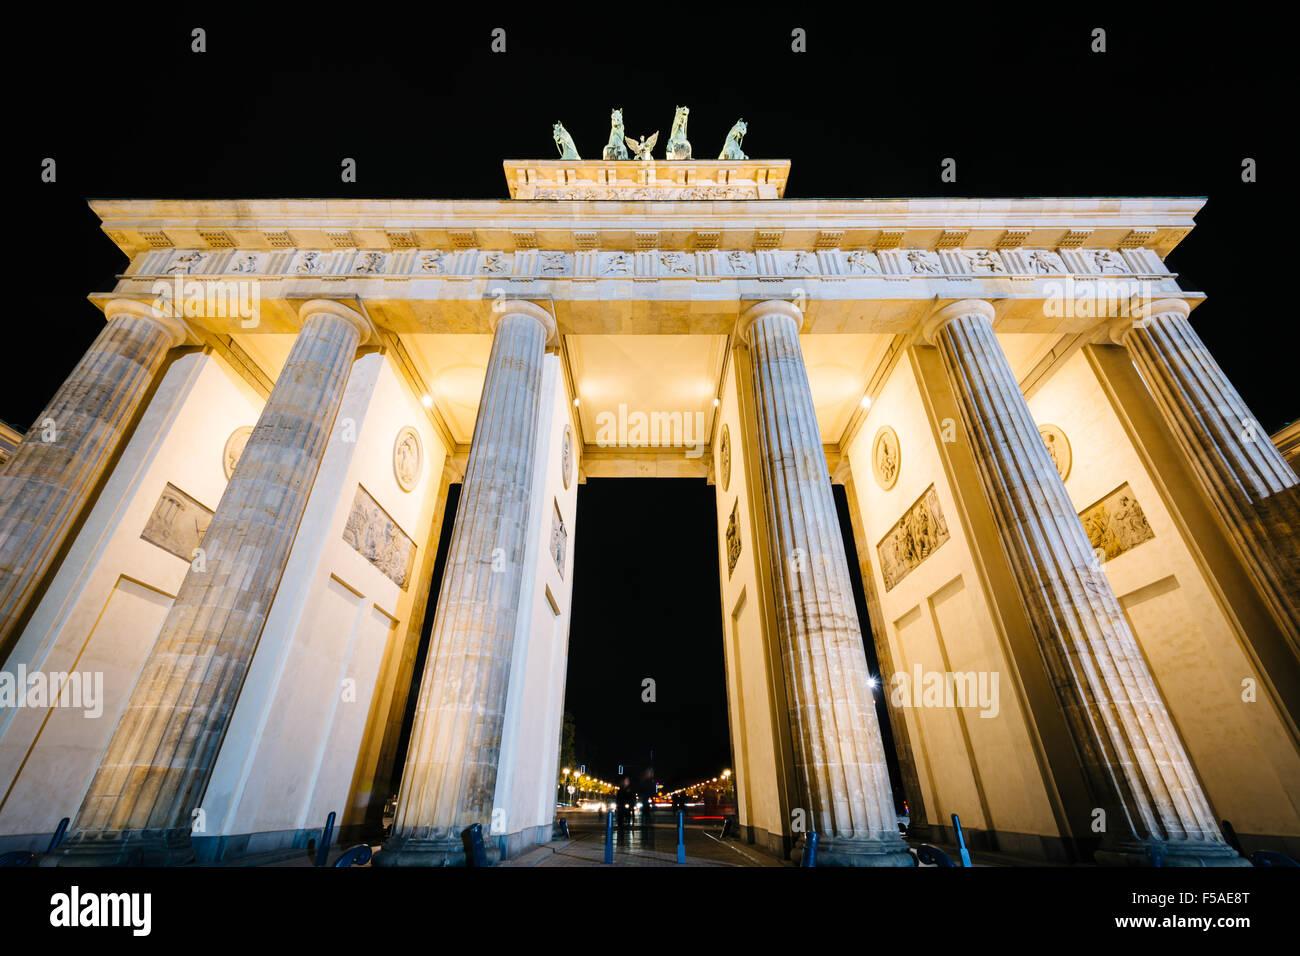 Por la noche, la Puerta de Brandenburgo, en Berlín, Alemania. Imagen De Stock